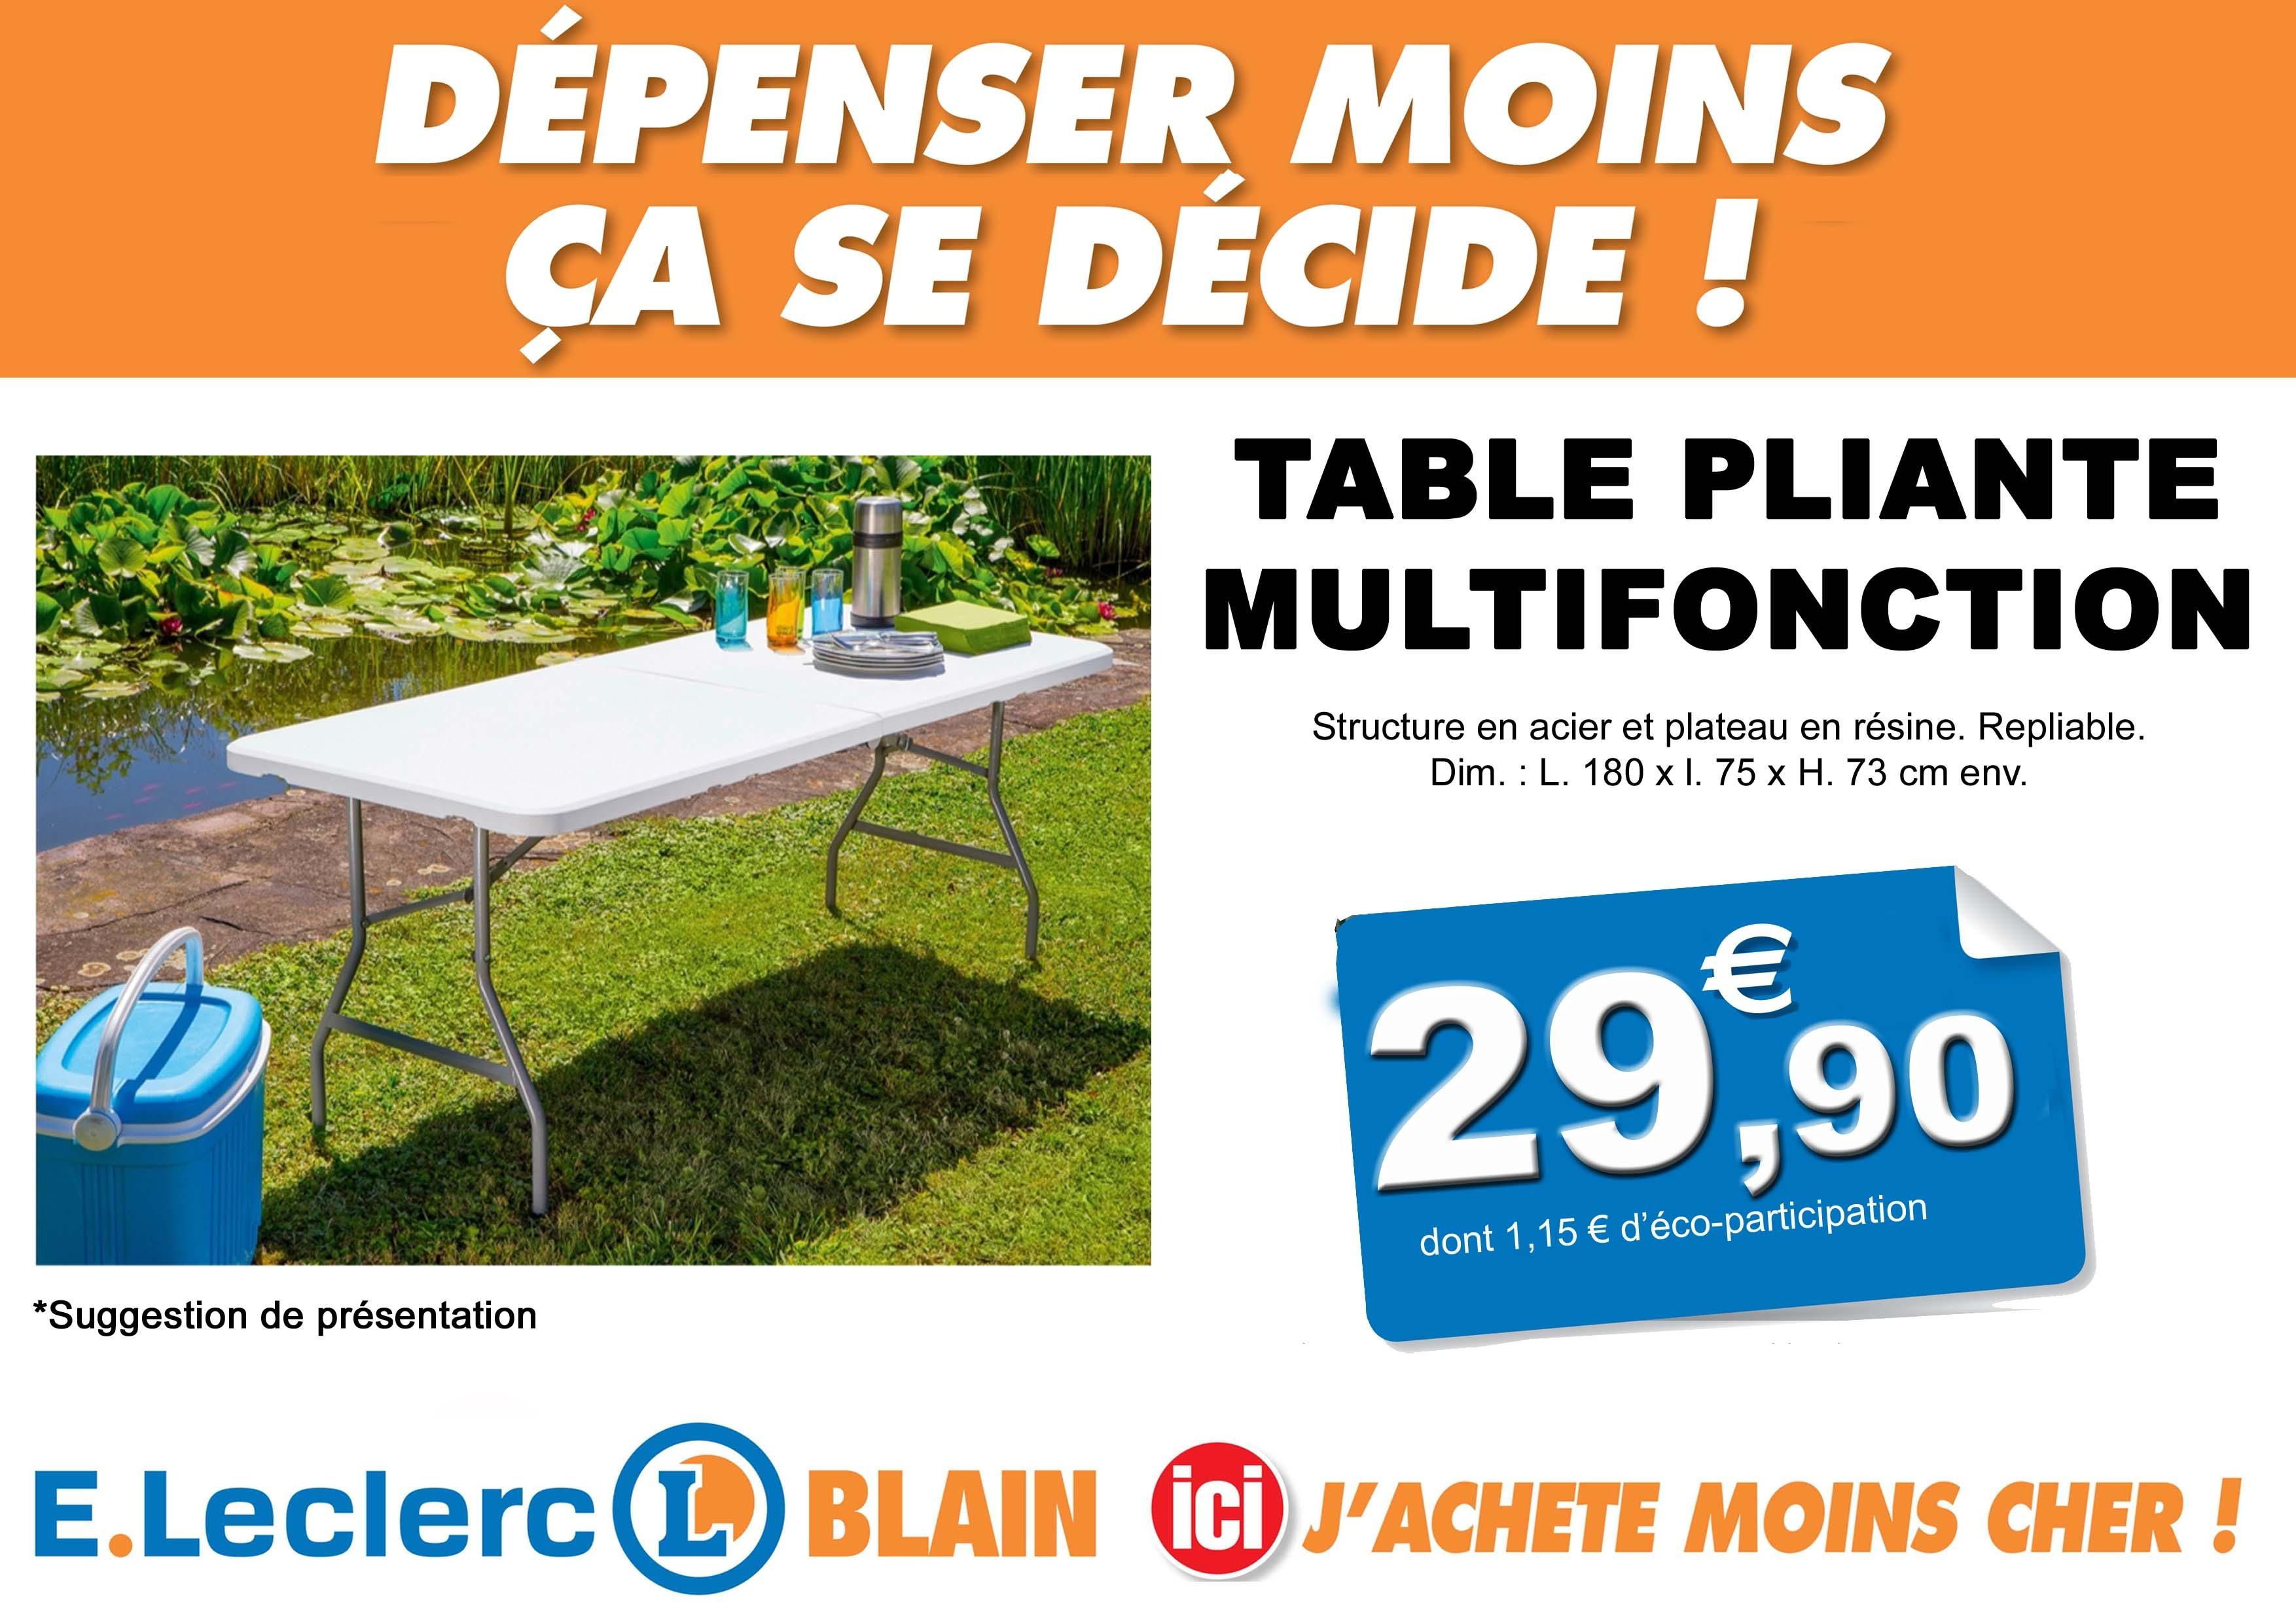 Table De Camping Leclerc Frais Photos Table Pliante Leclerc Best Best 13 Best Leclerc 2 Pinterest